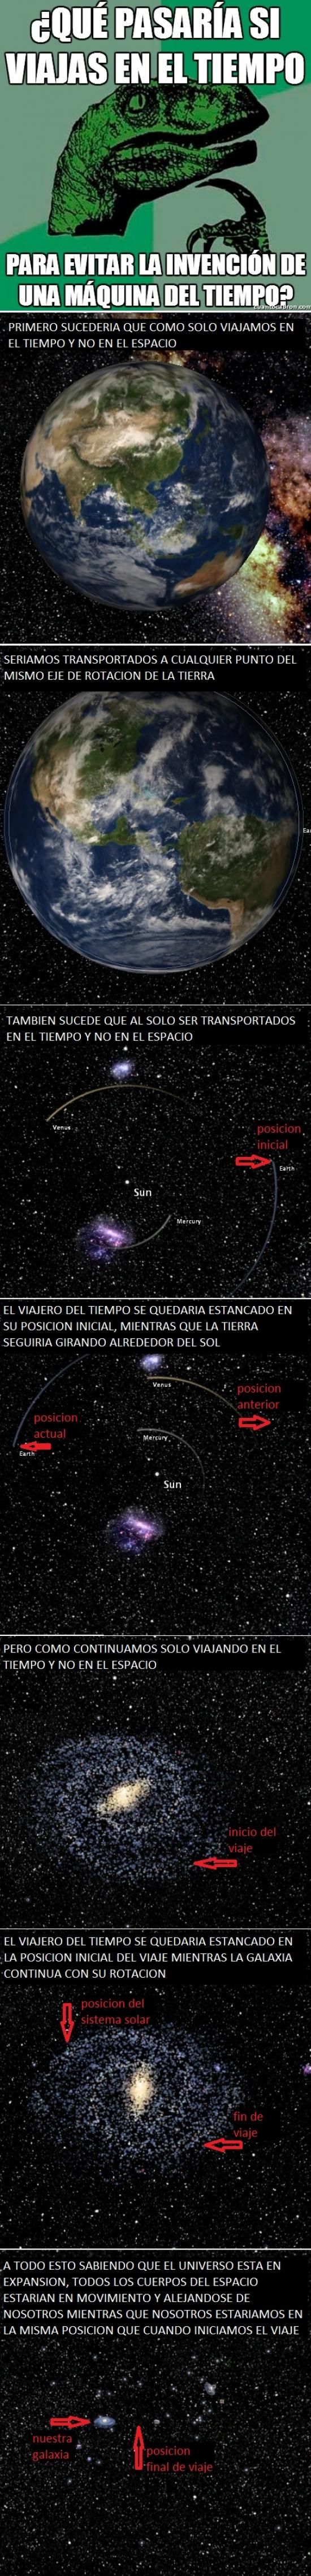 espacio,explicacion,tiempo,tierra,via lactea,viaje,viaje en el tiempo